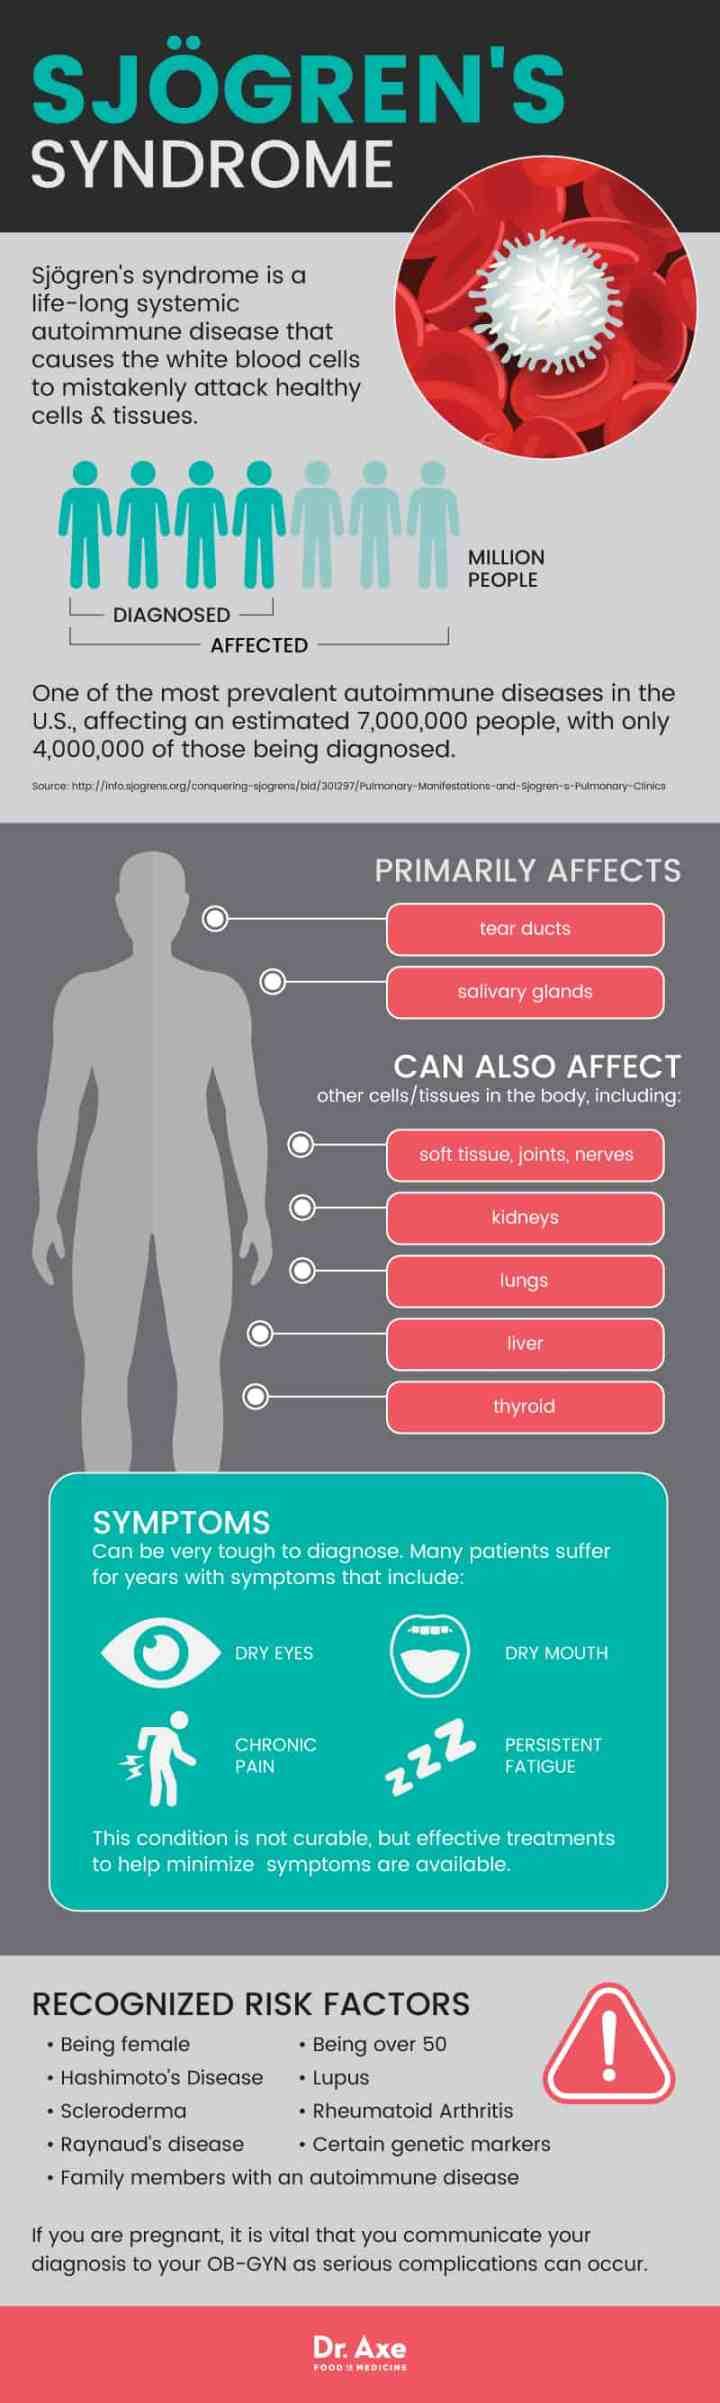 Sjogren's Syndrome - Dr. Axe